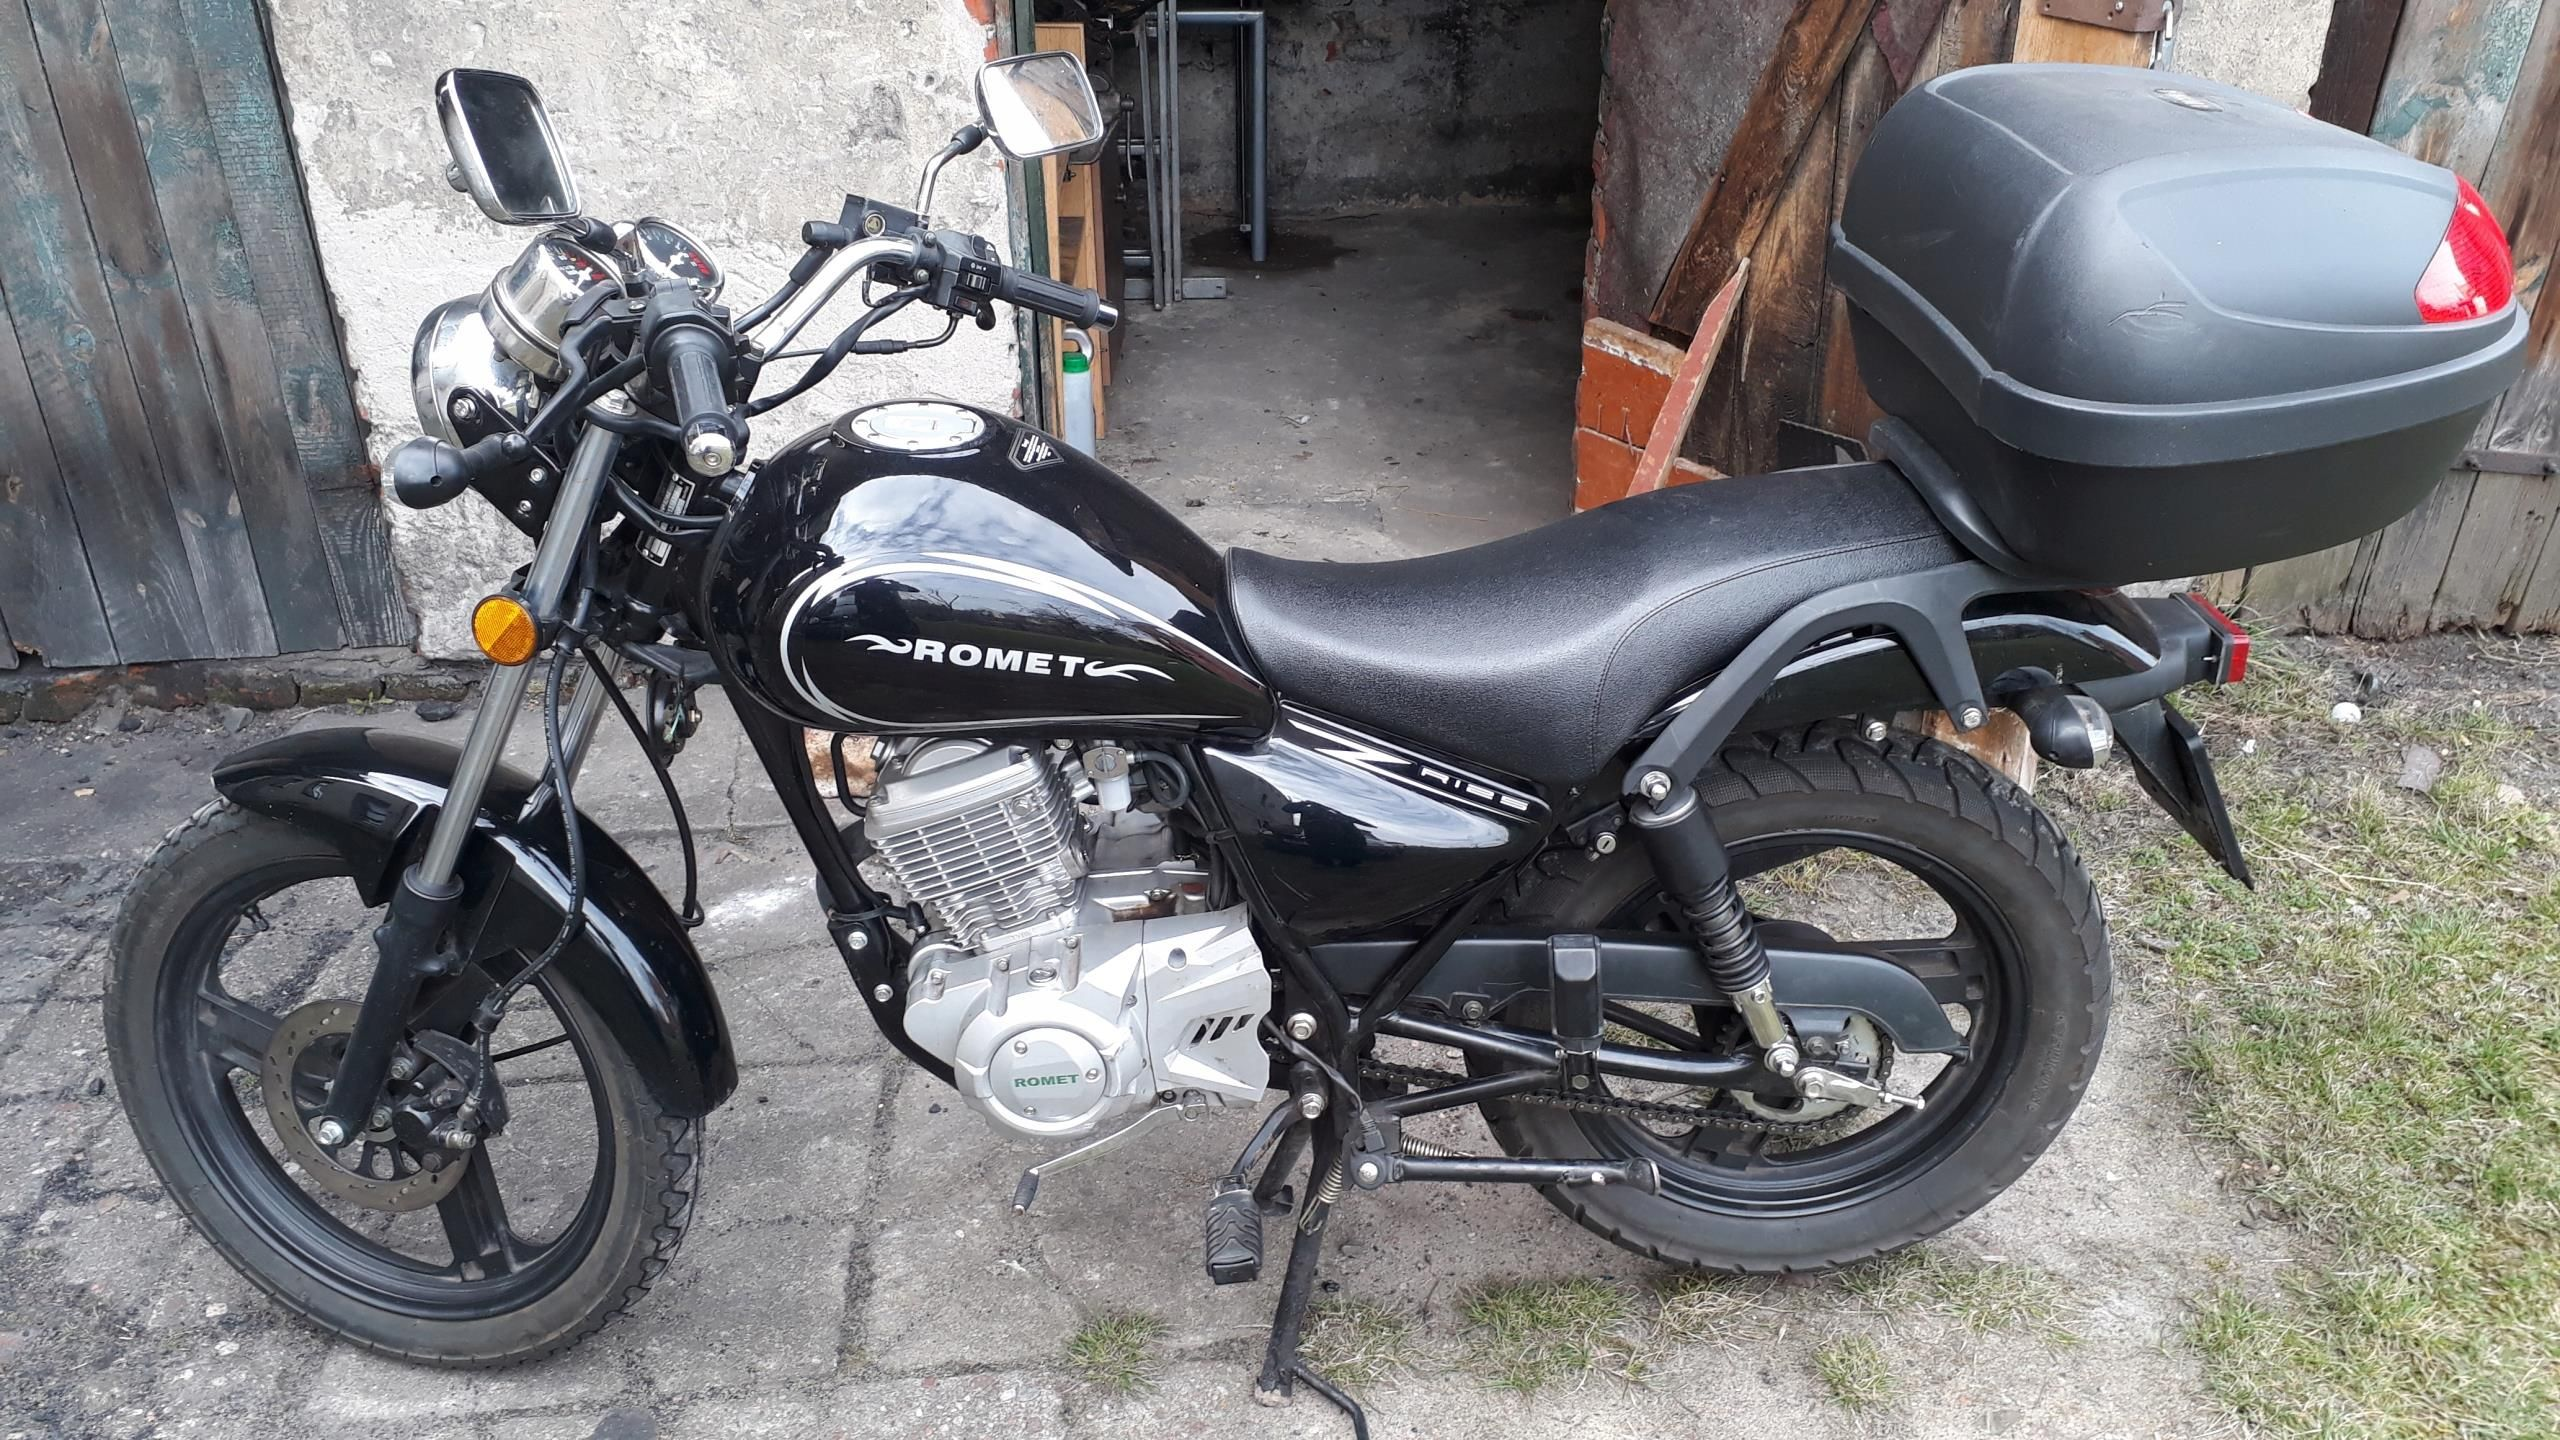 Sprzedam Motocykl Romet Soft Choper 125 Opinie I Ceny Na Ceneo Pl